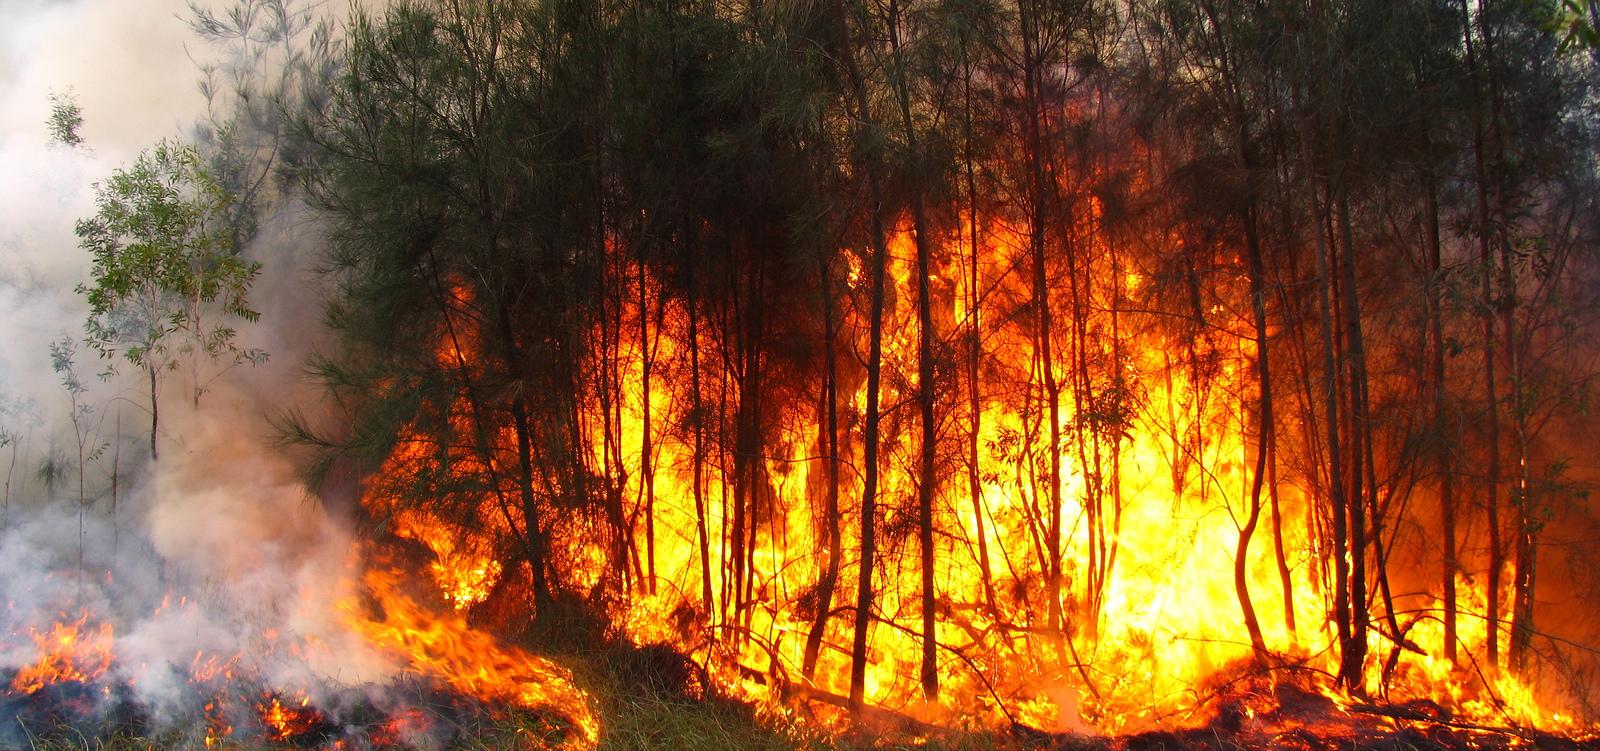 Ministério Público de Contas ingressa com representações contra prefeituras do AM por insuficiência de política de prevenção e combate a queimadas